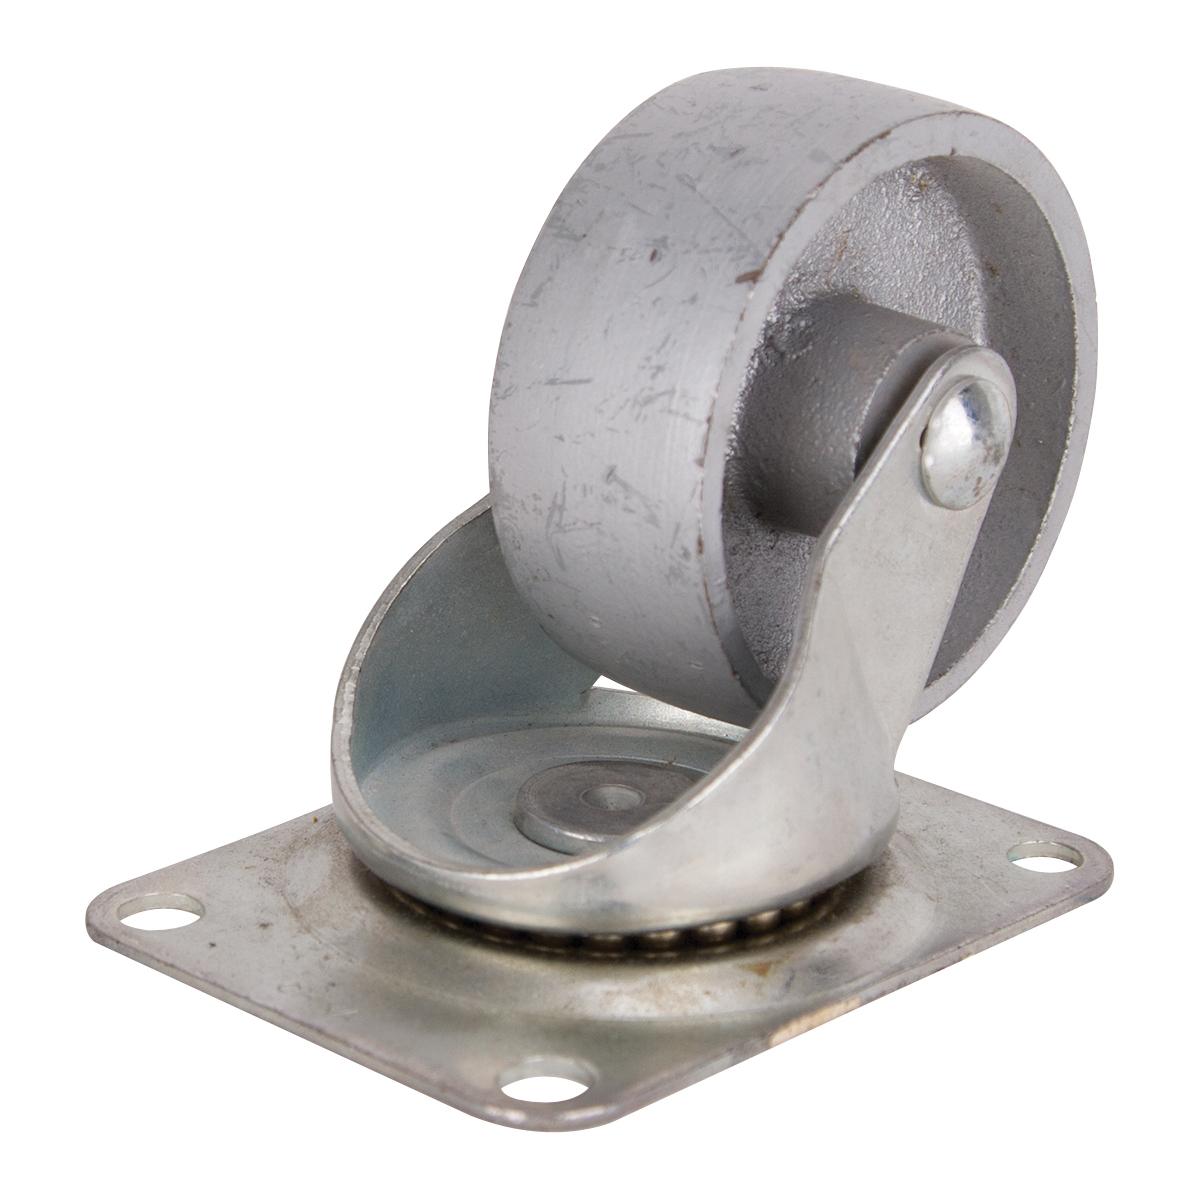 Picture of ProSource JC-S07 Swivel Caster, 3 in Dia Wheel, Steel Wheel, 250 lb